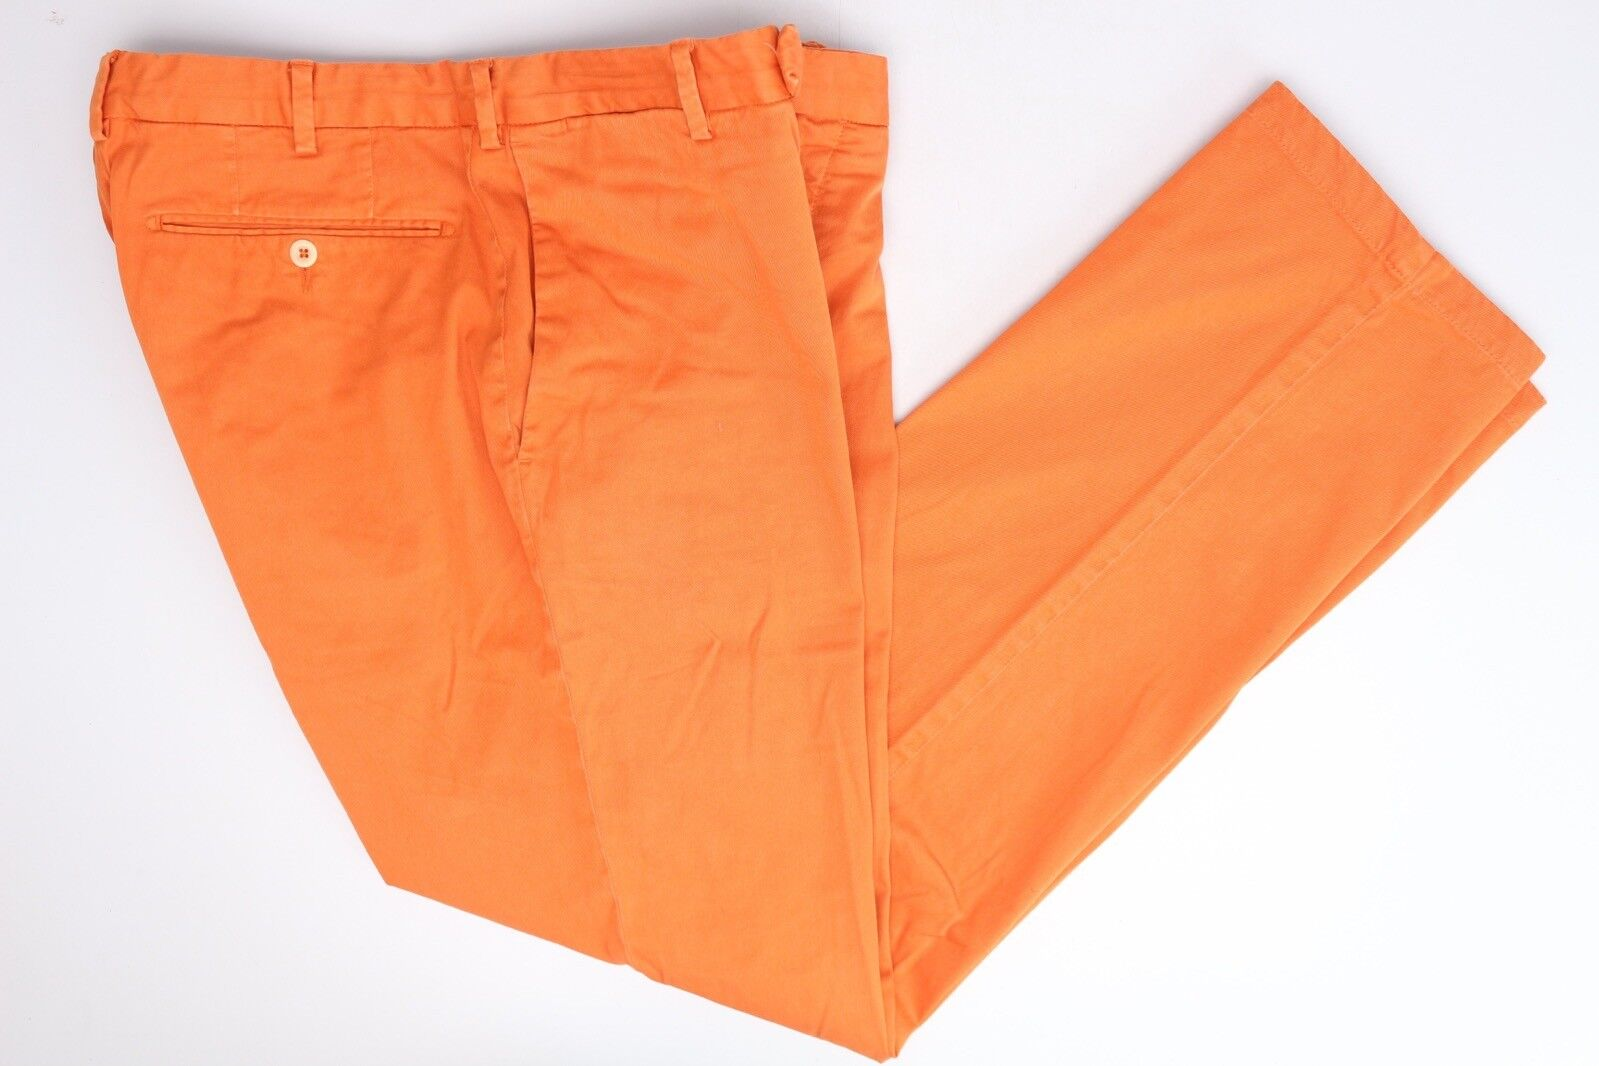 Polo Ralph Lauren Mens Casual Pants 36x32 Solid orange Cotton Blend Trousers